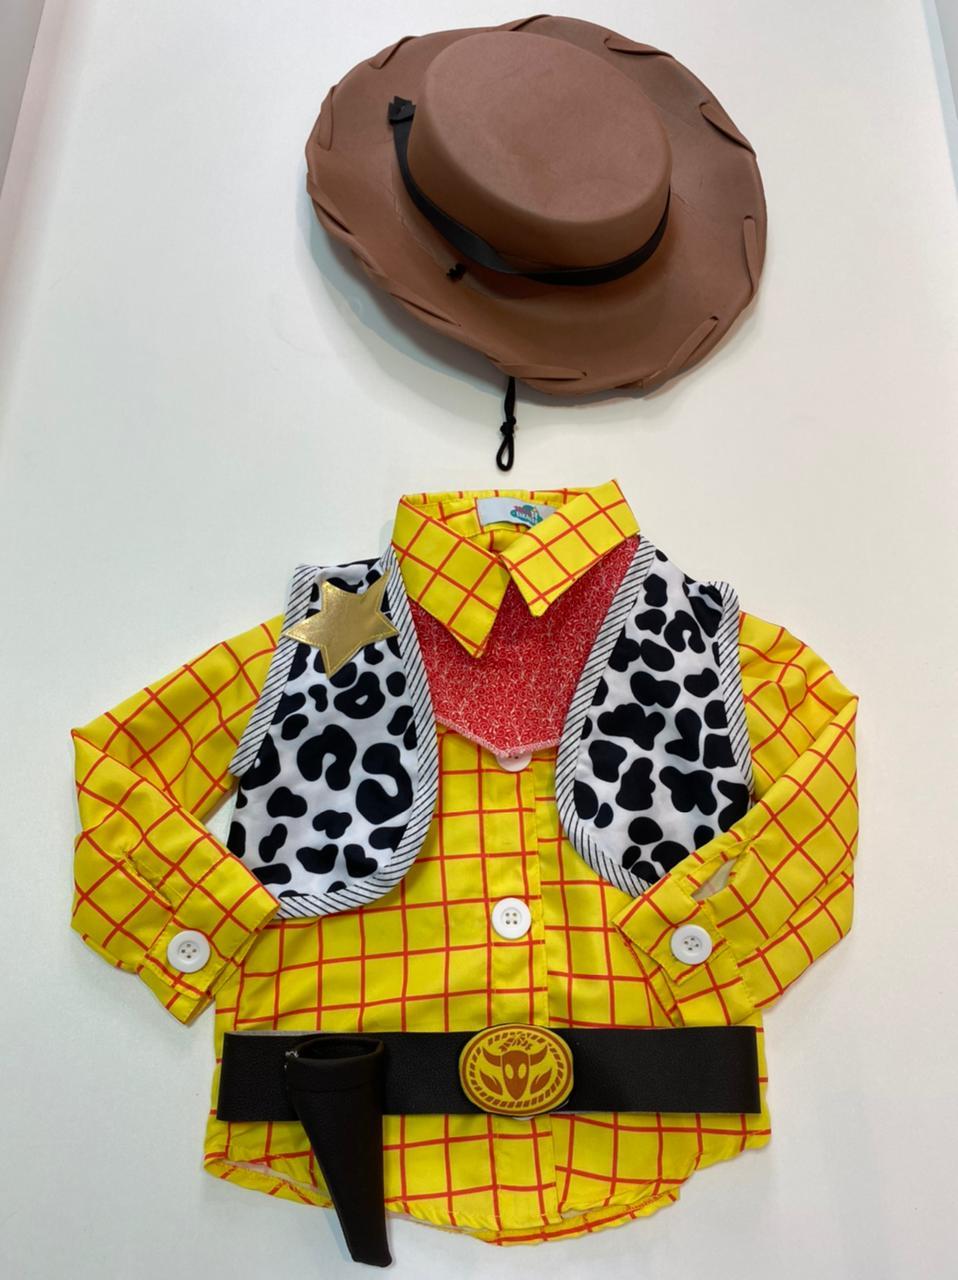 Fantasia Woody alfaiataria - Toy Story